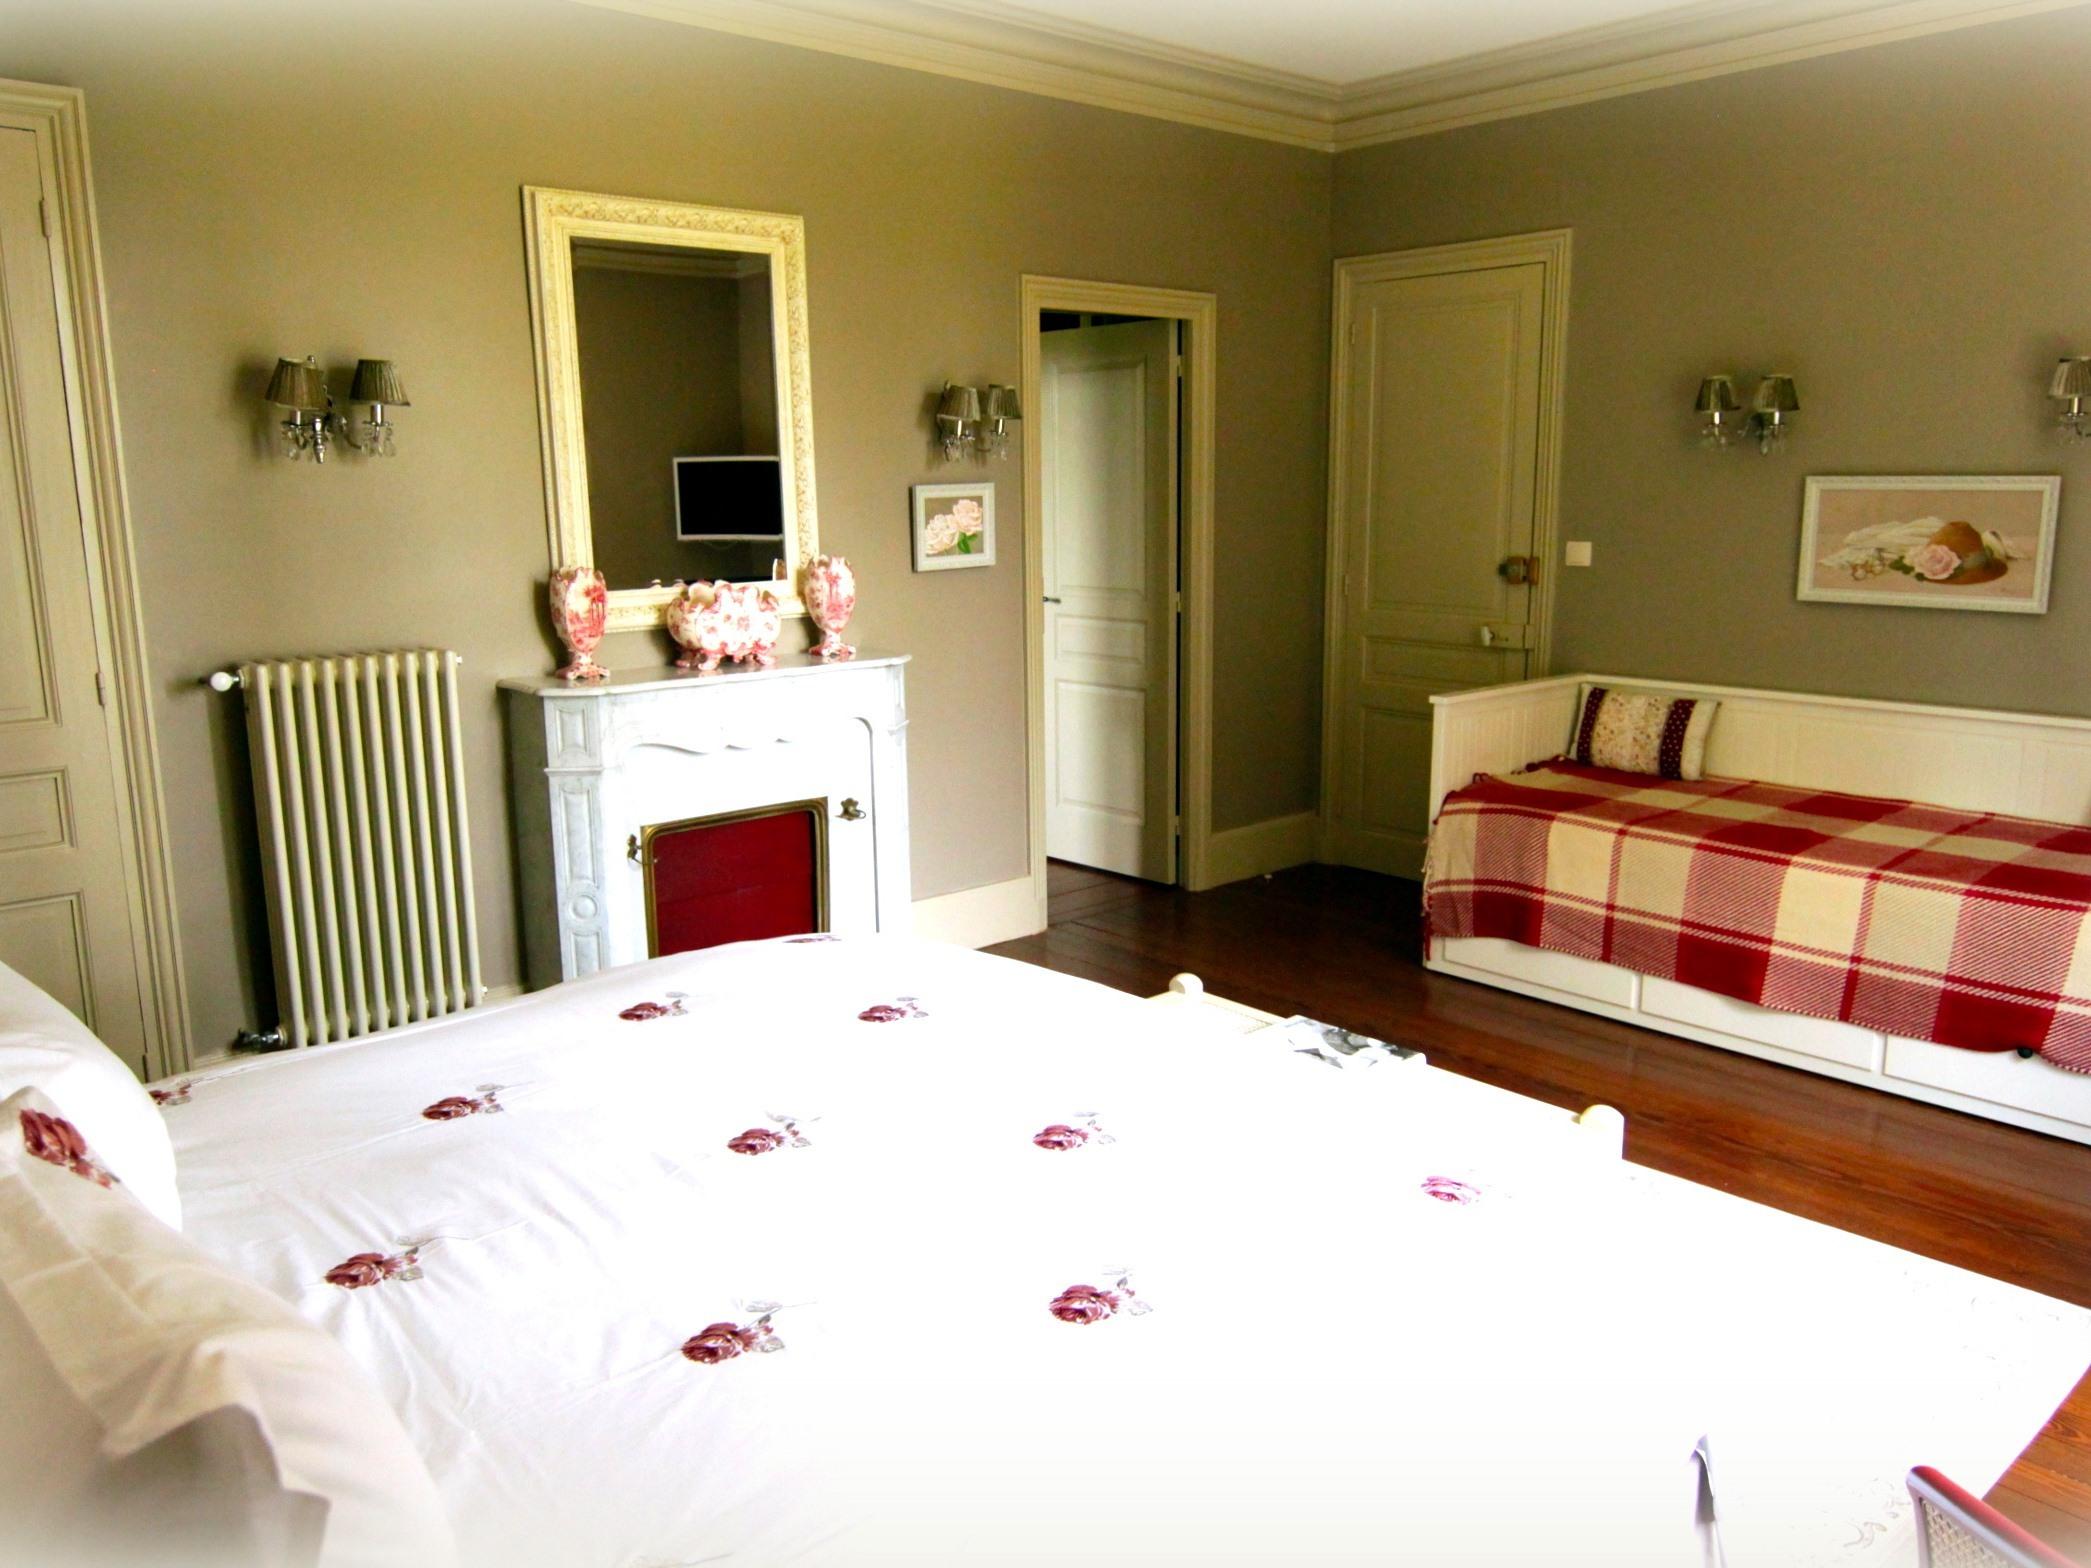 Suite-Première Classe-Salle de bain privée séparée-Vue sur Parc-La Vie en Rose